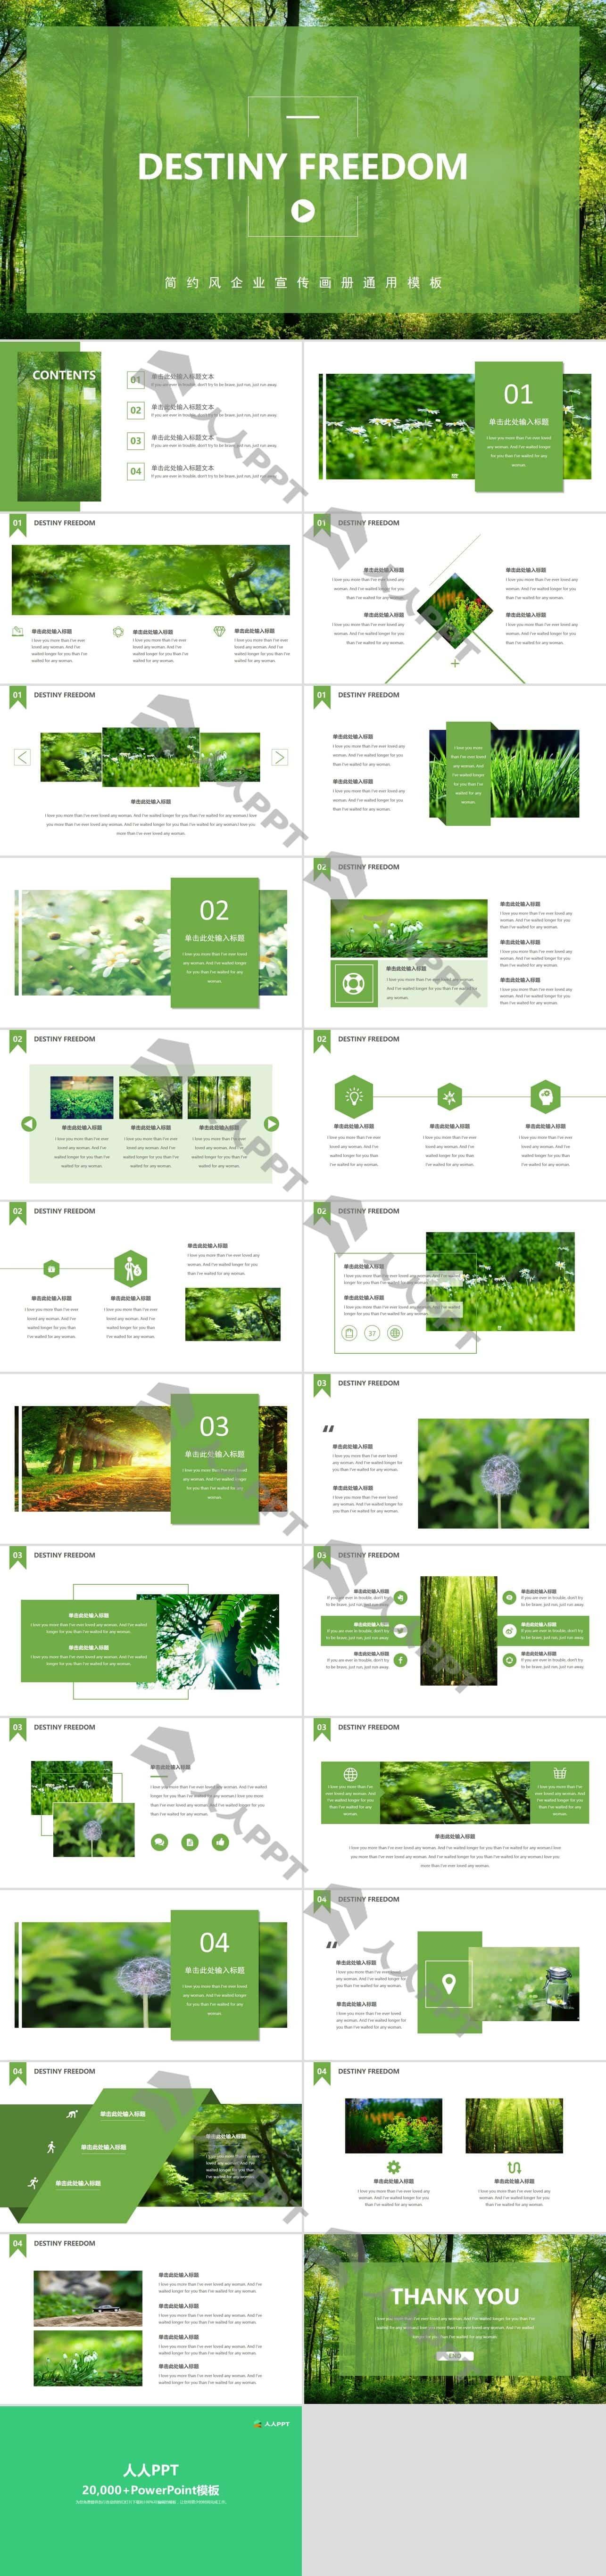 绿色自然图片排版PPT模板长图